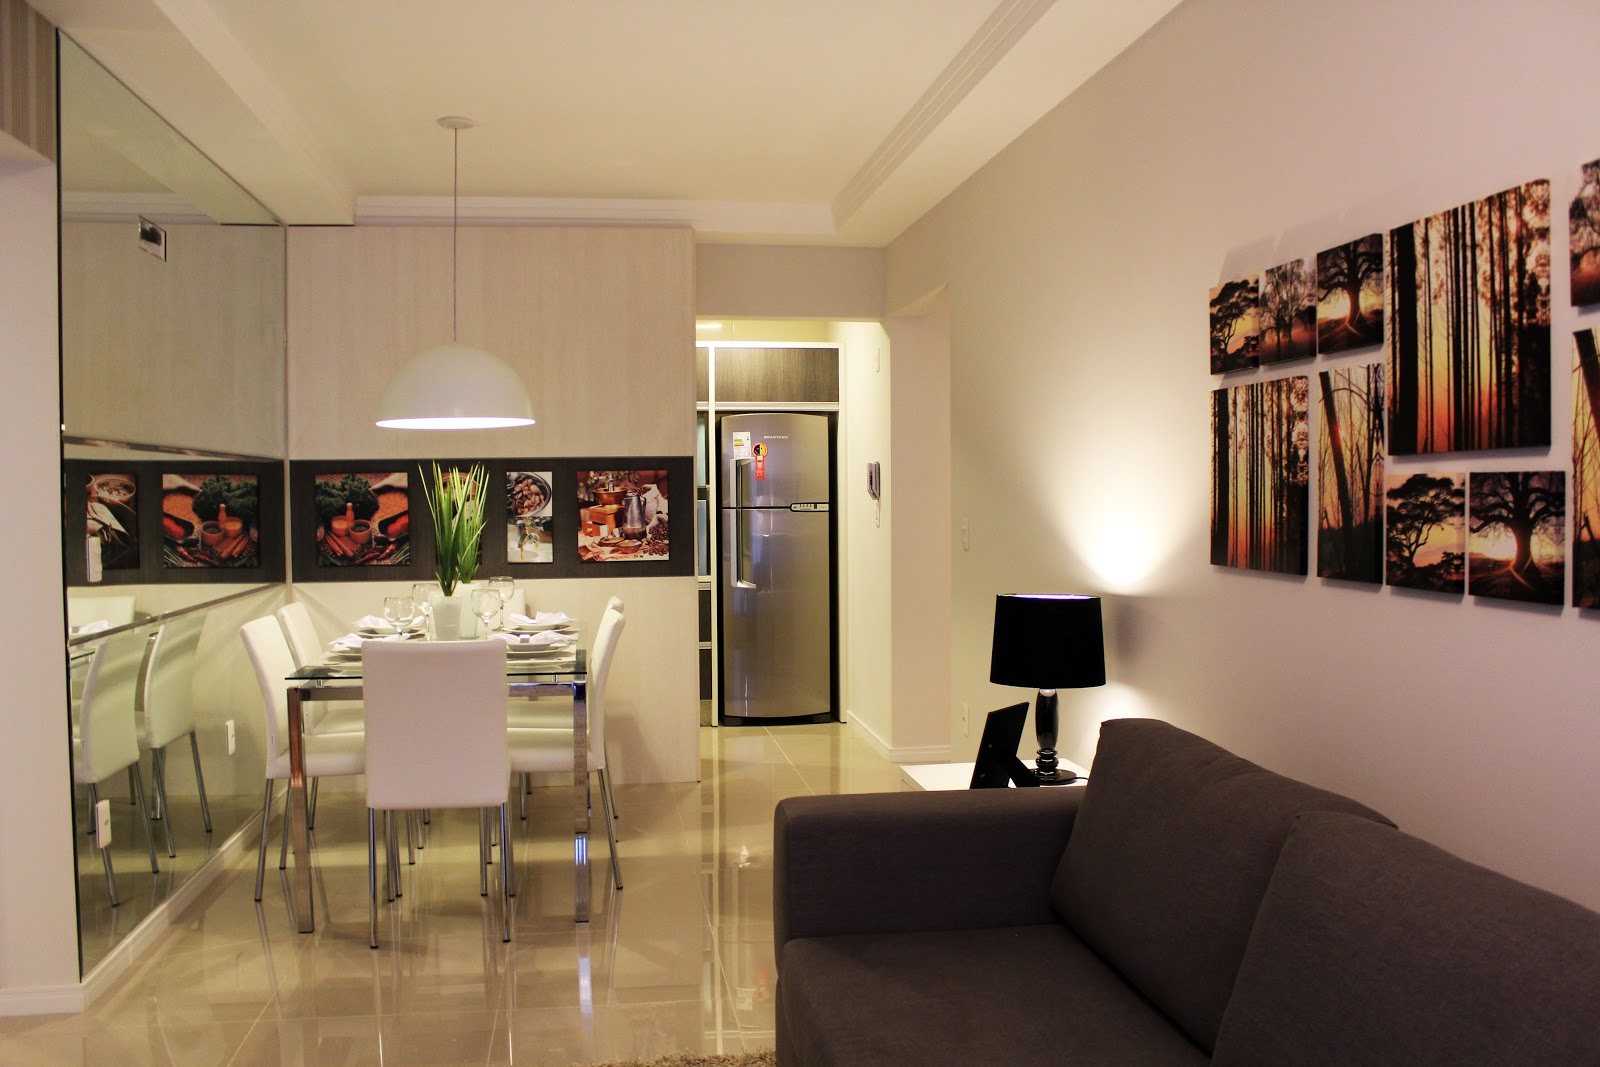 Arquitetura feminina apartamento decorado salas part 1 for Decoracion de salas de apartamentos